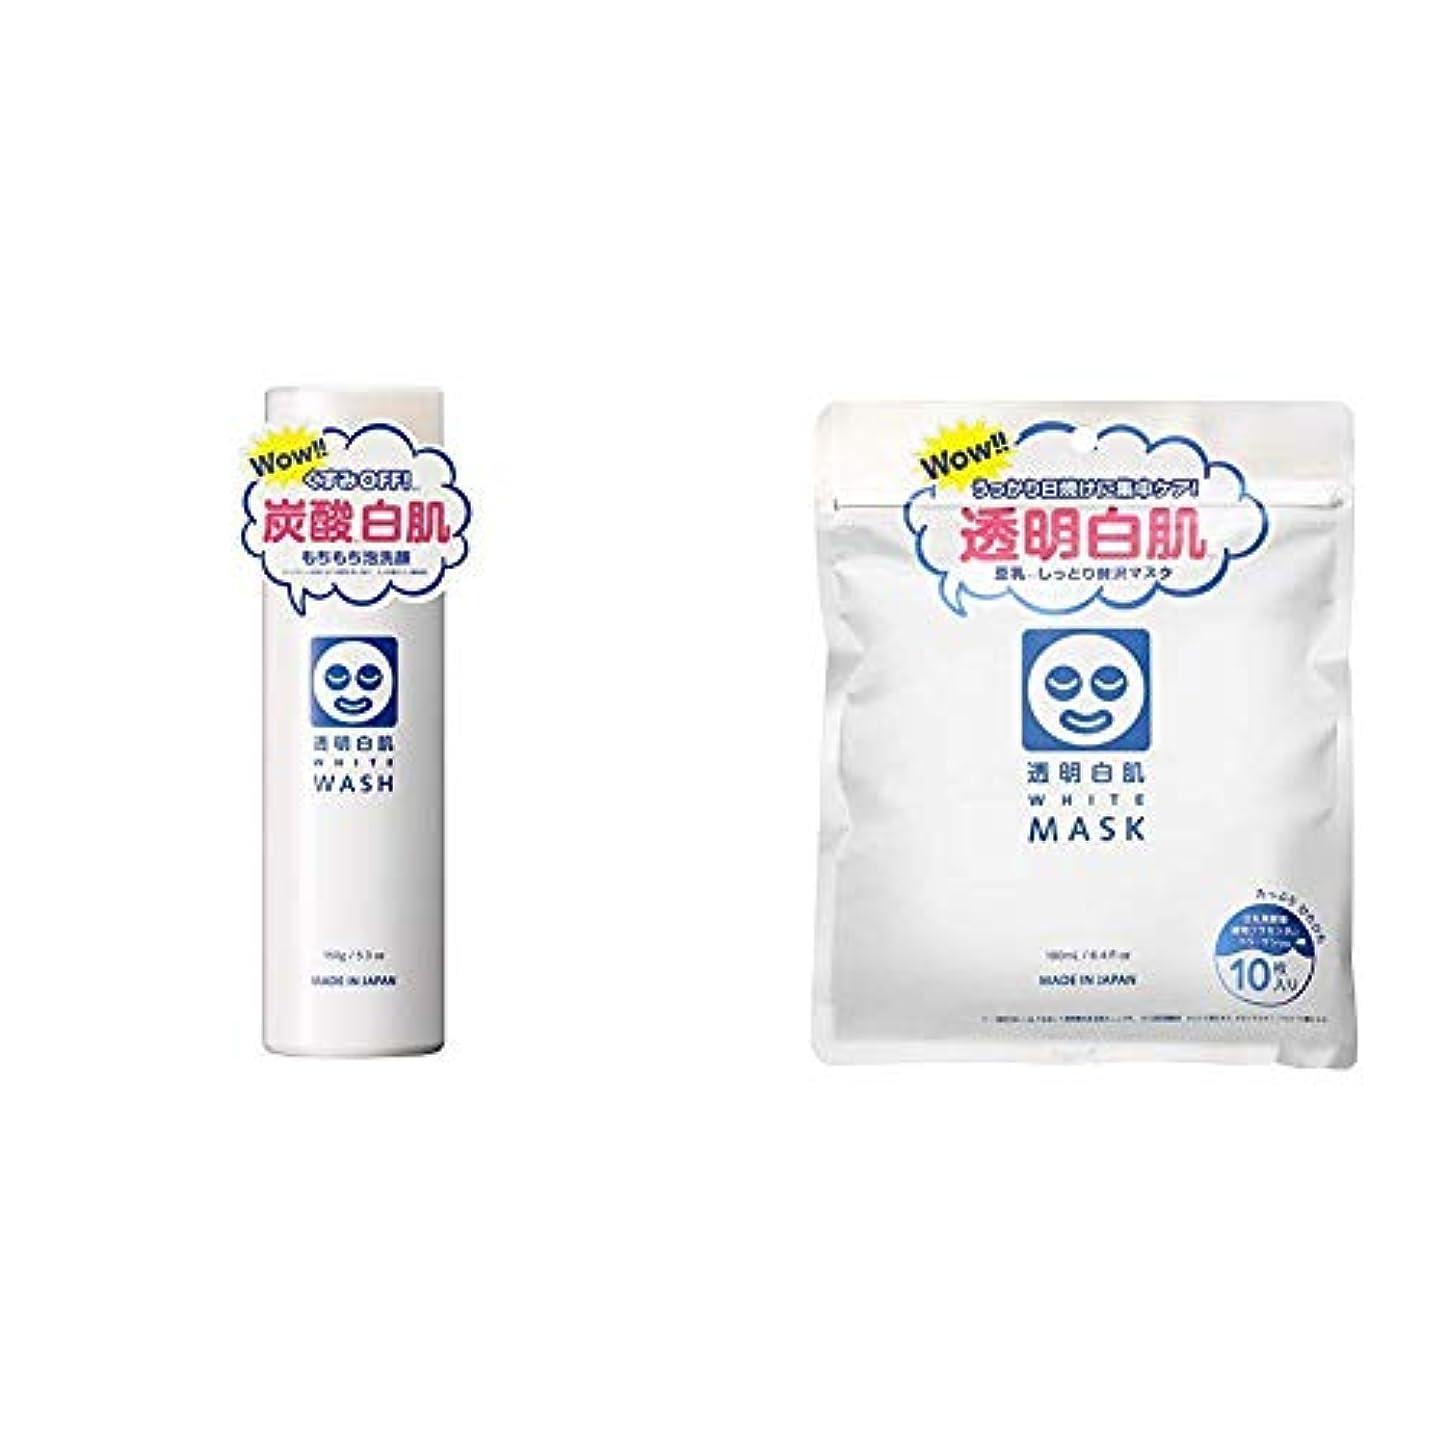 立法合理的必要性透明白肌 ホワイトウォッシュN & ホワイトマスクN